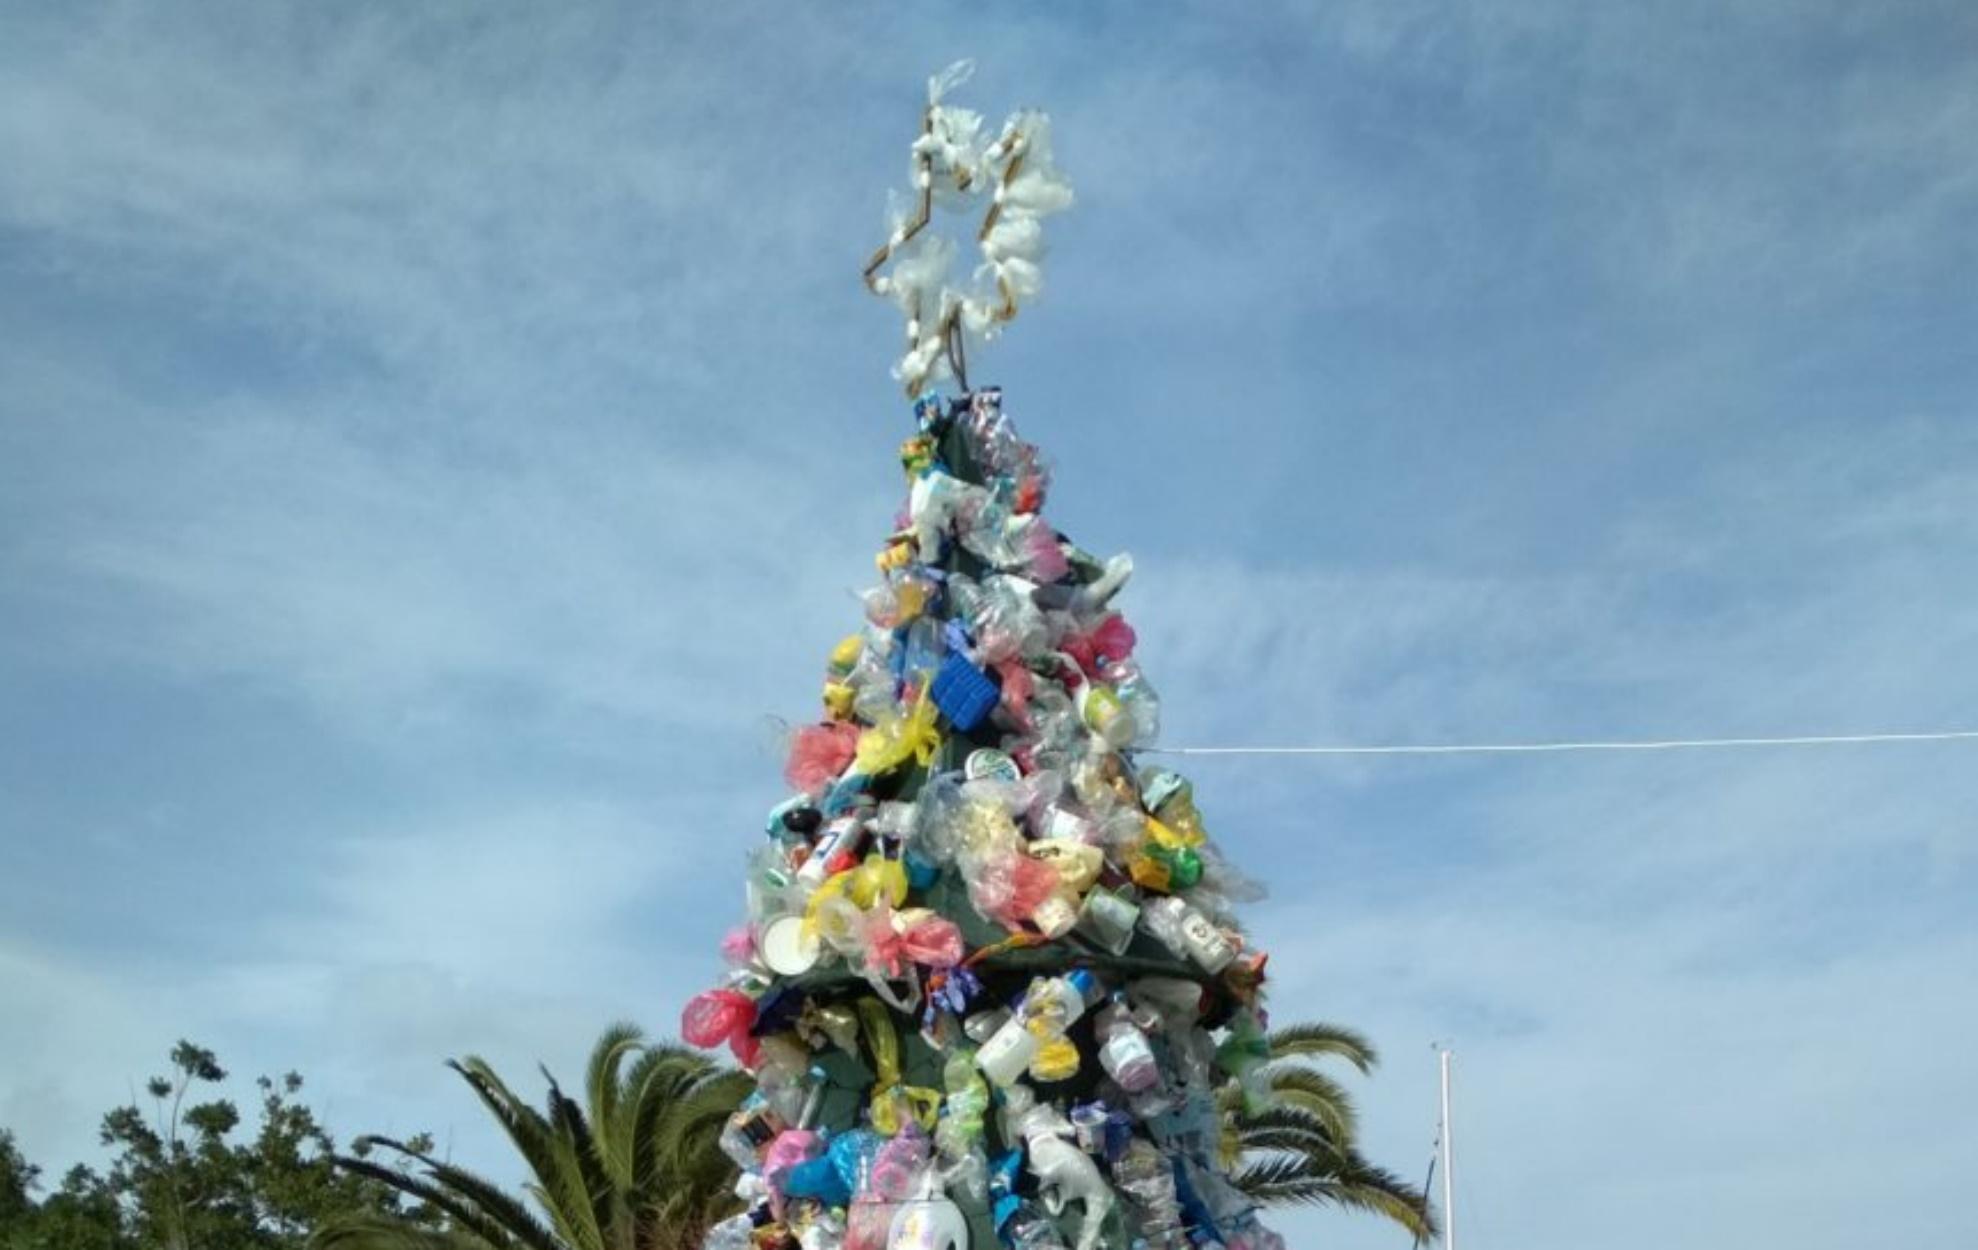 Ναύπλιο: Χριστουγεννιάτικο δέντρο διαφορετικό από τα συνηθισμένα – Μία εικόνα, χίλιες λέξεις